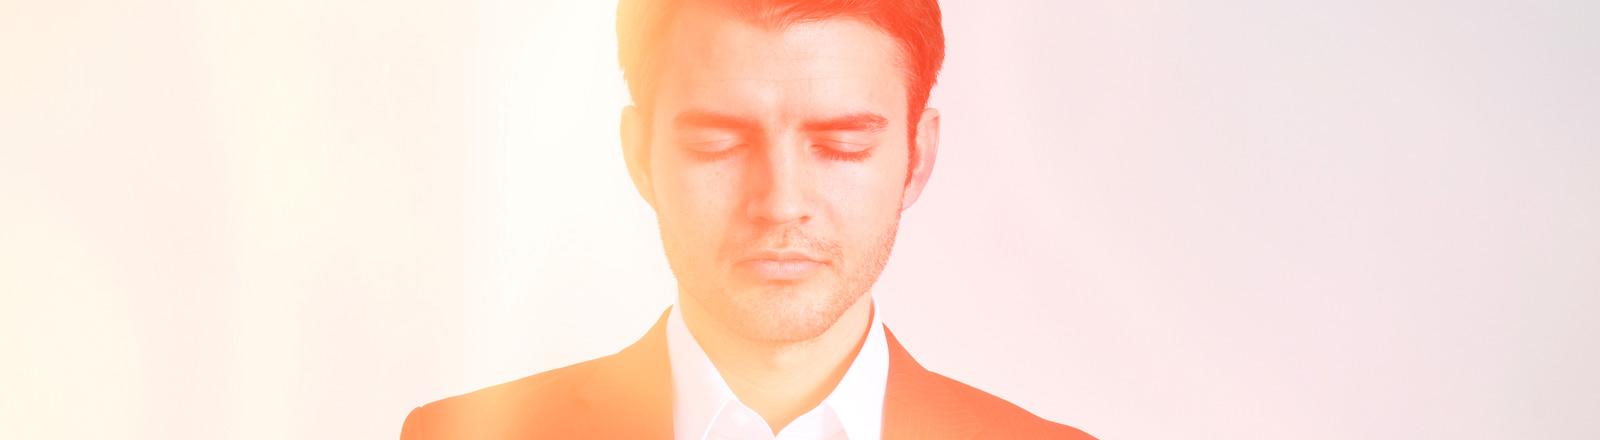 Ein Mann im Anzug schaut verträumt.